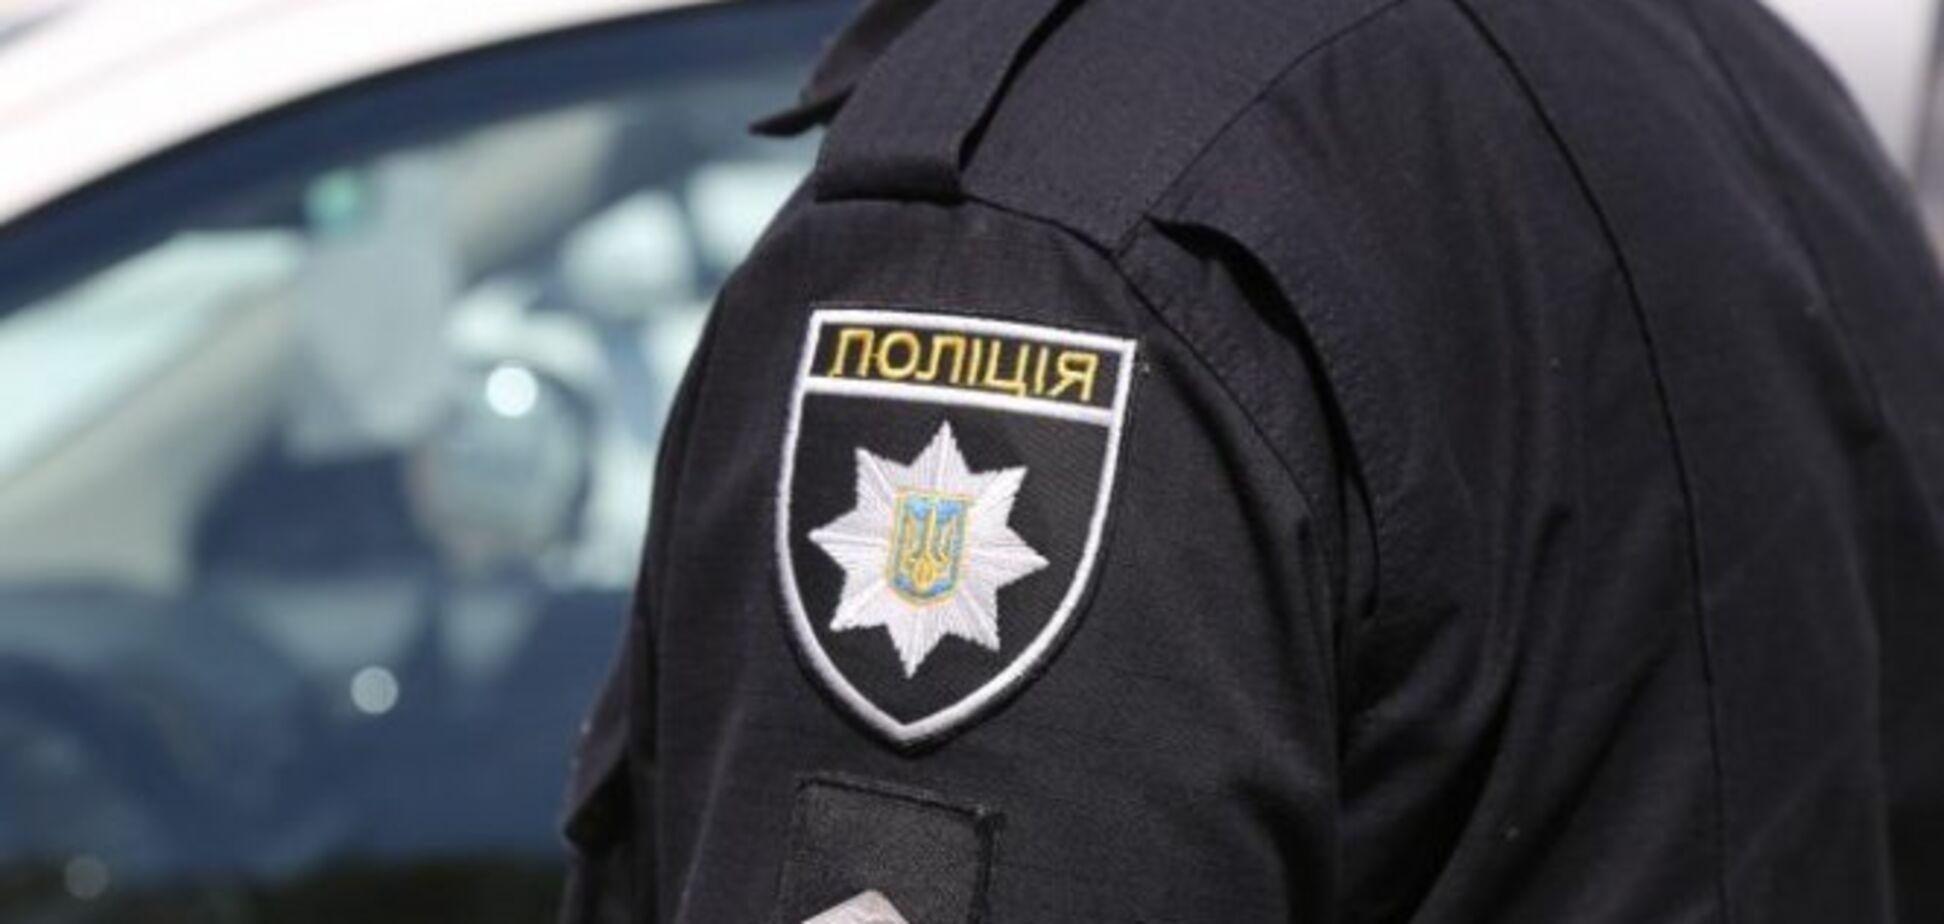 Заяви активістів про відсутність провадження по 'Дукату' не відповідає дійсності, — поліція